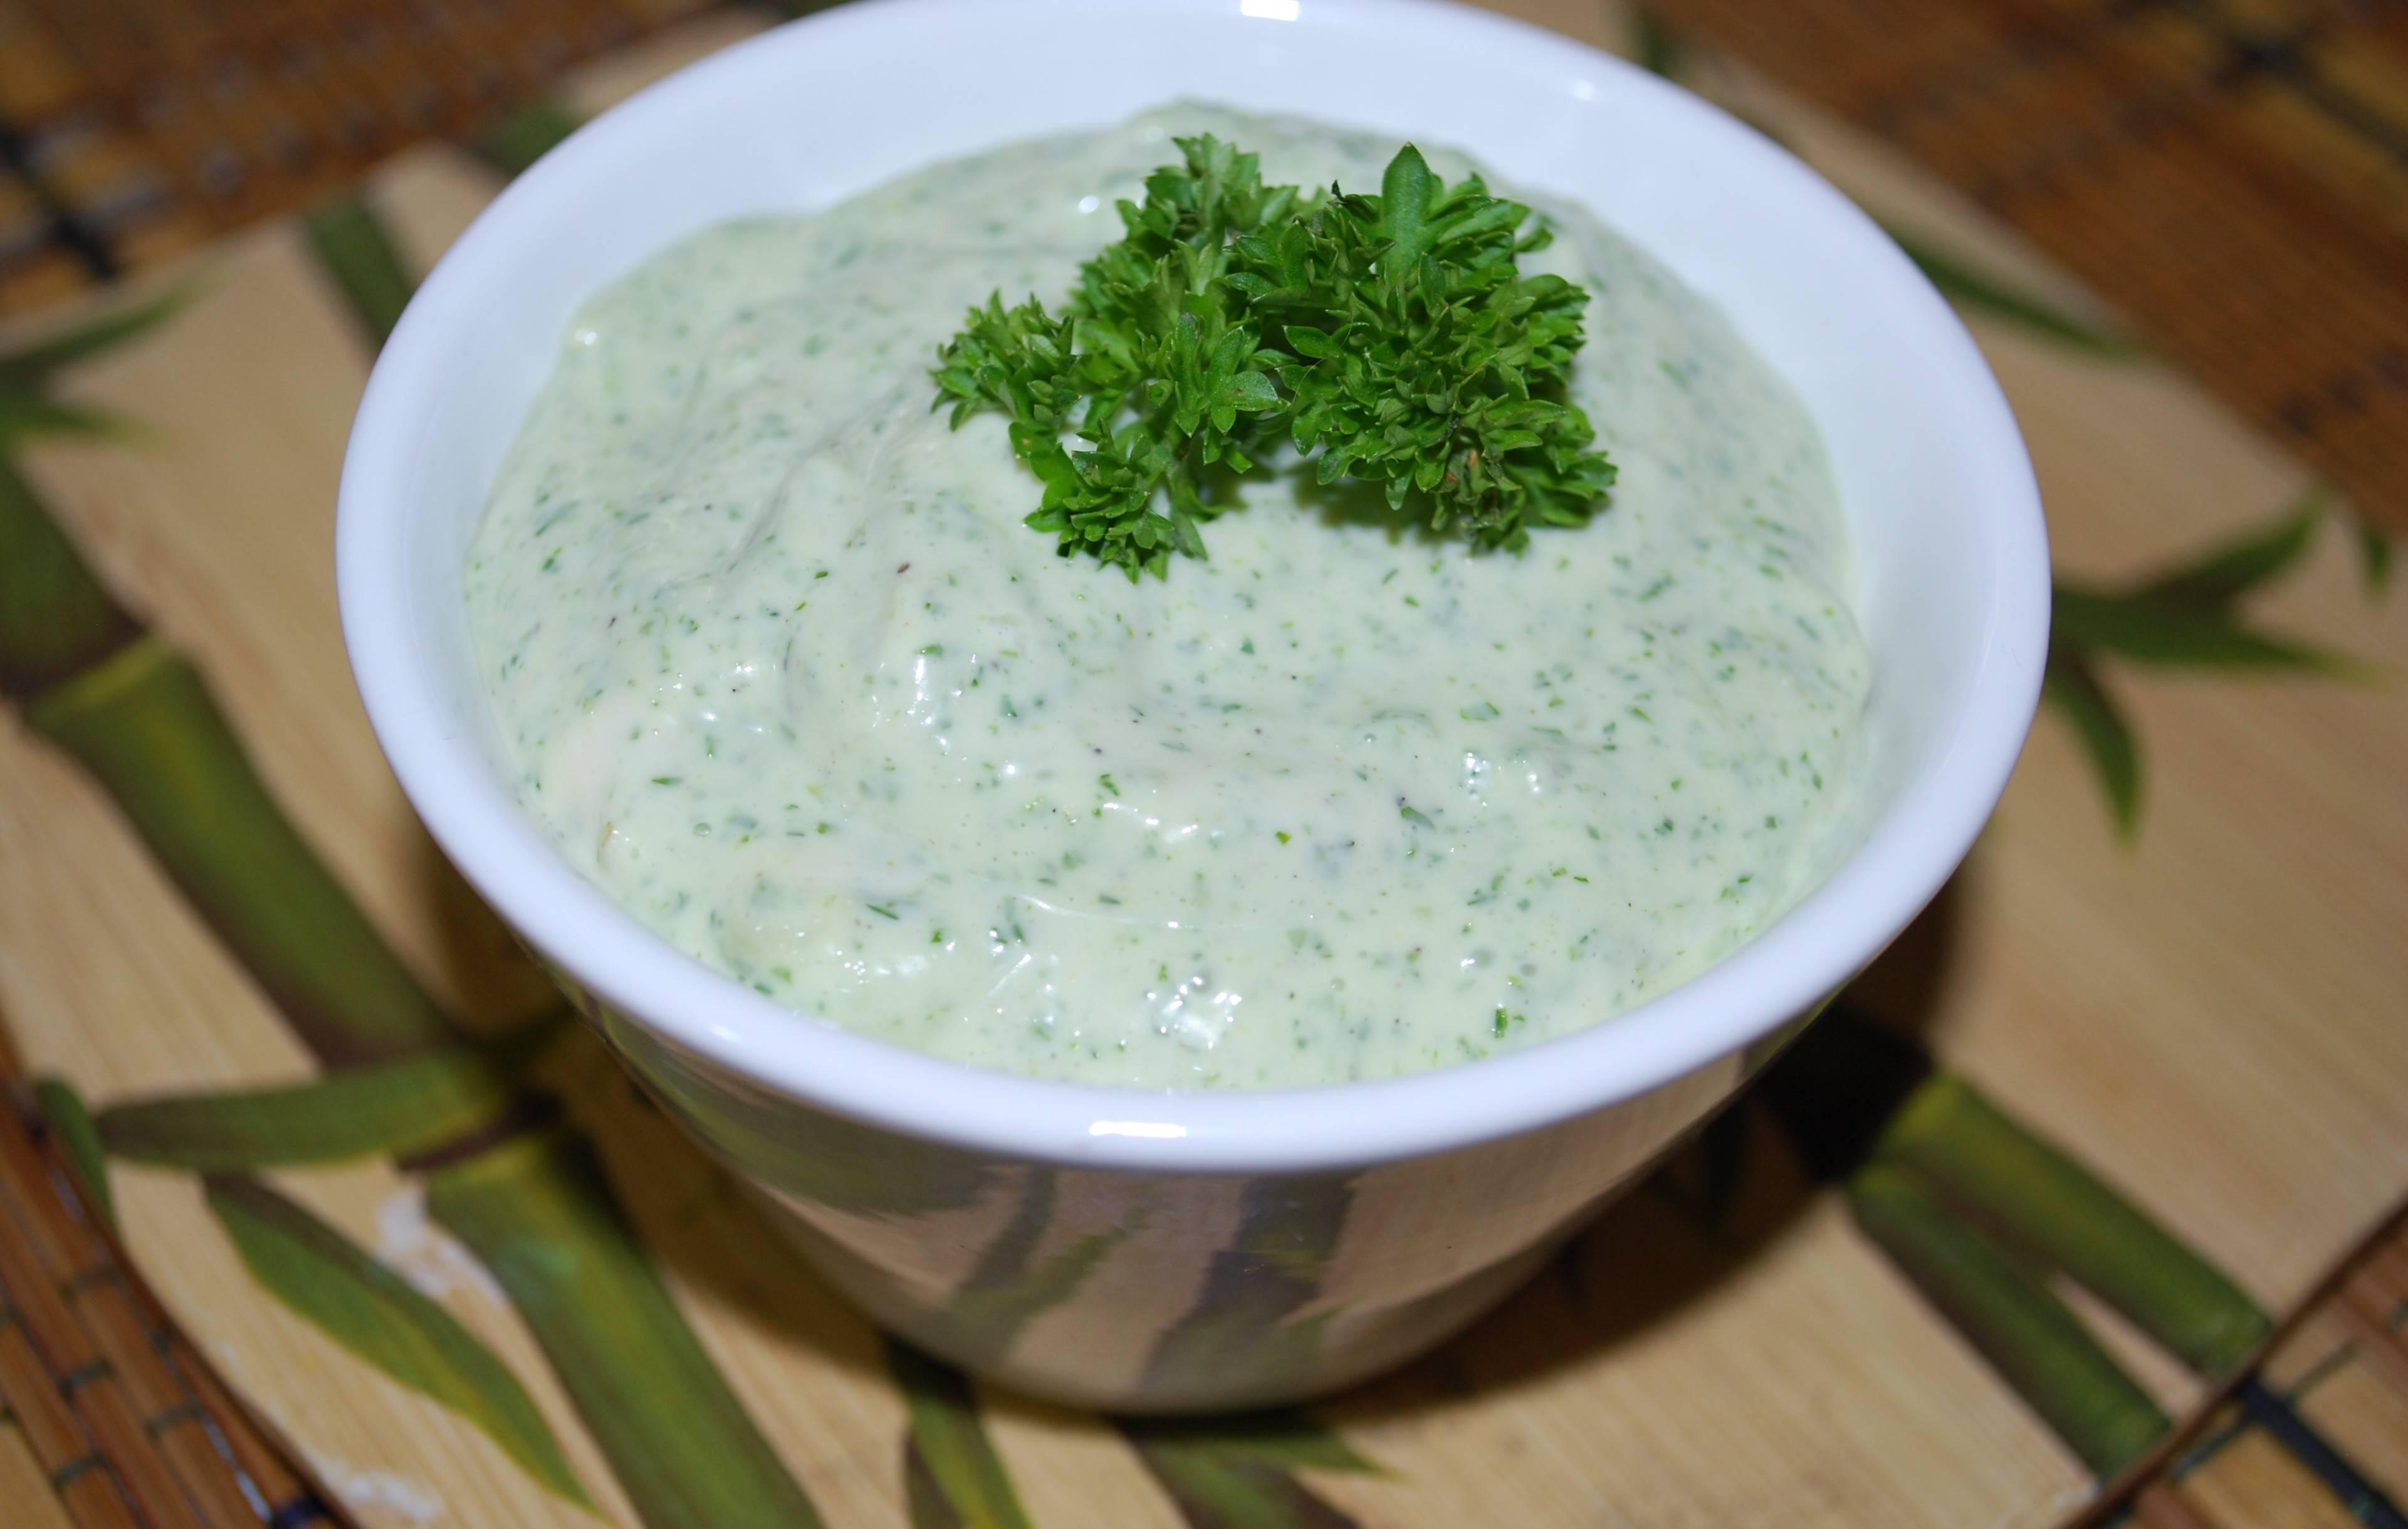 Йогуртовый соус с кинзой (для салатов): рецепт с фото пошагово